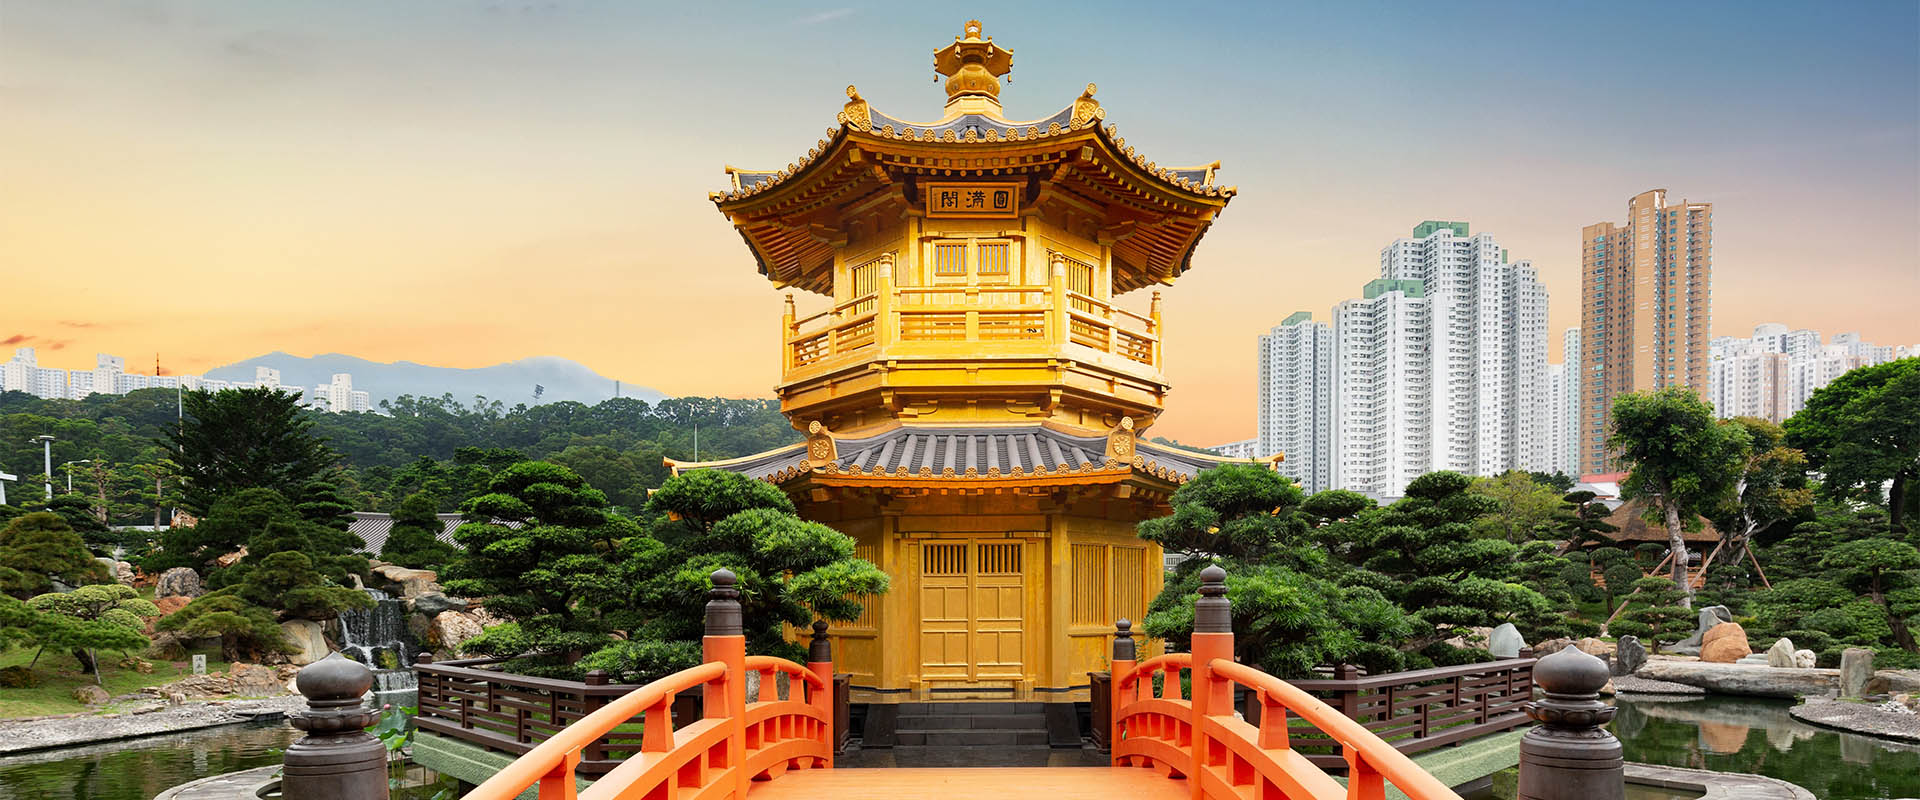 Doing business in China | Kiinan kaupan koulutus-, valmennus- ja asiantuntijapalvelut